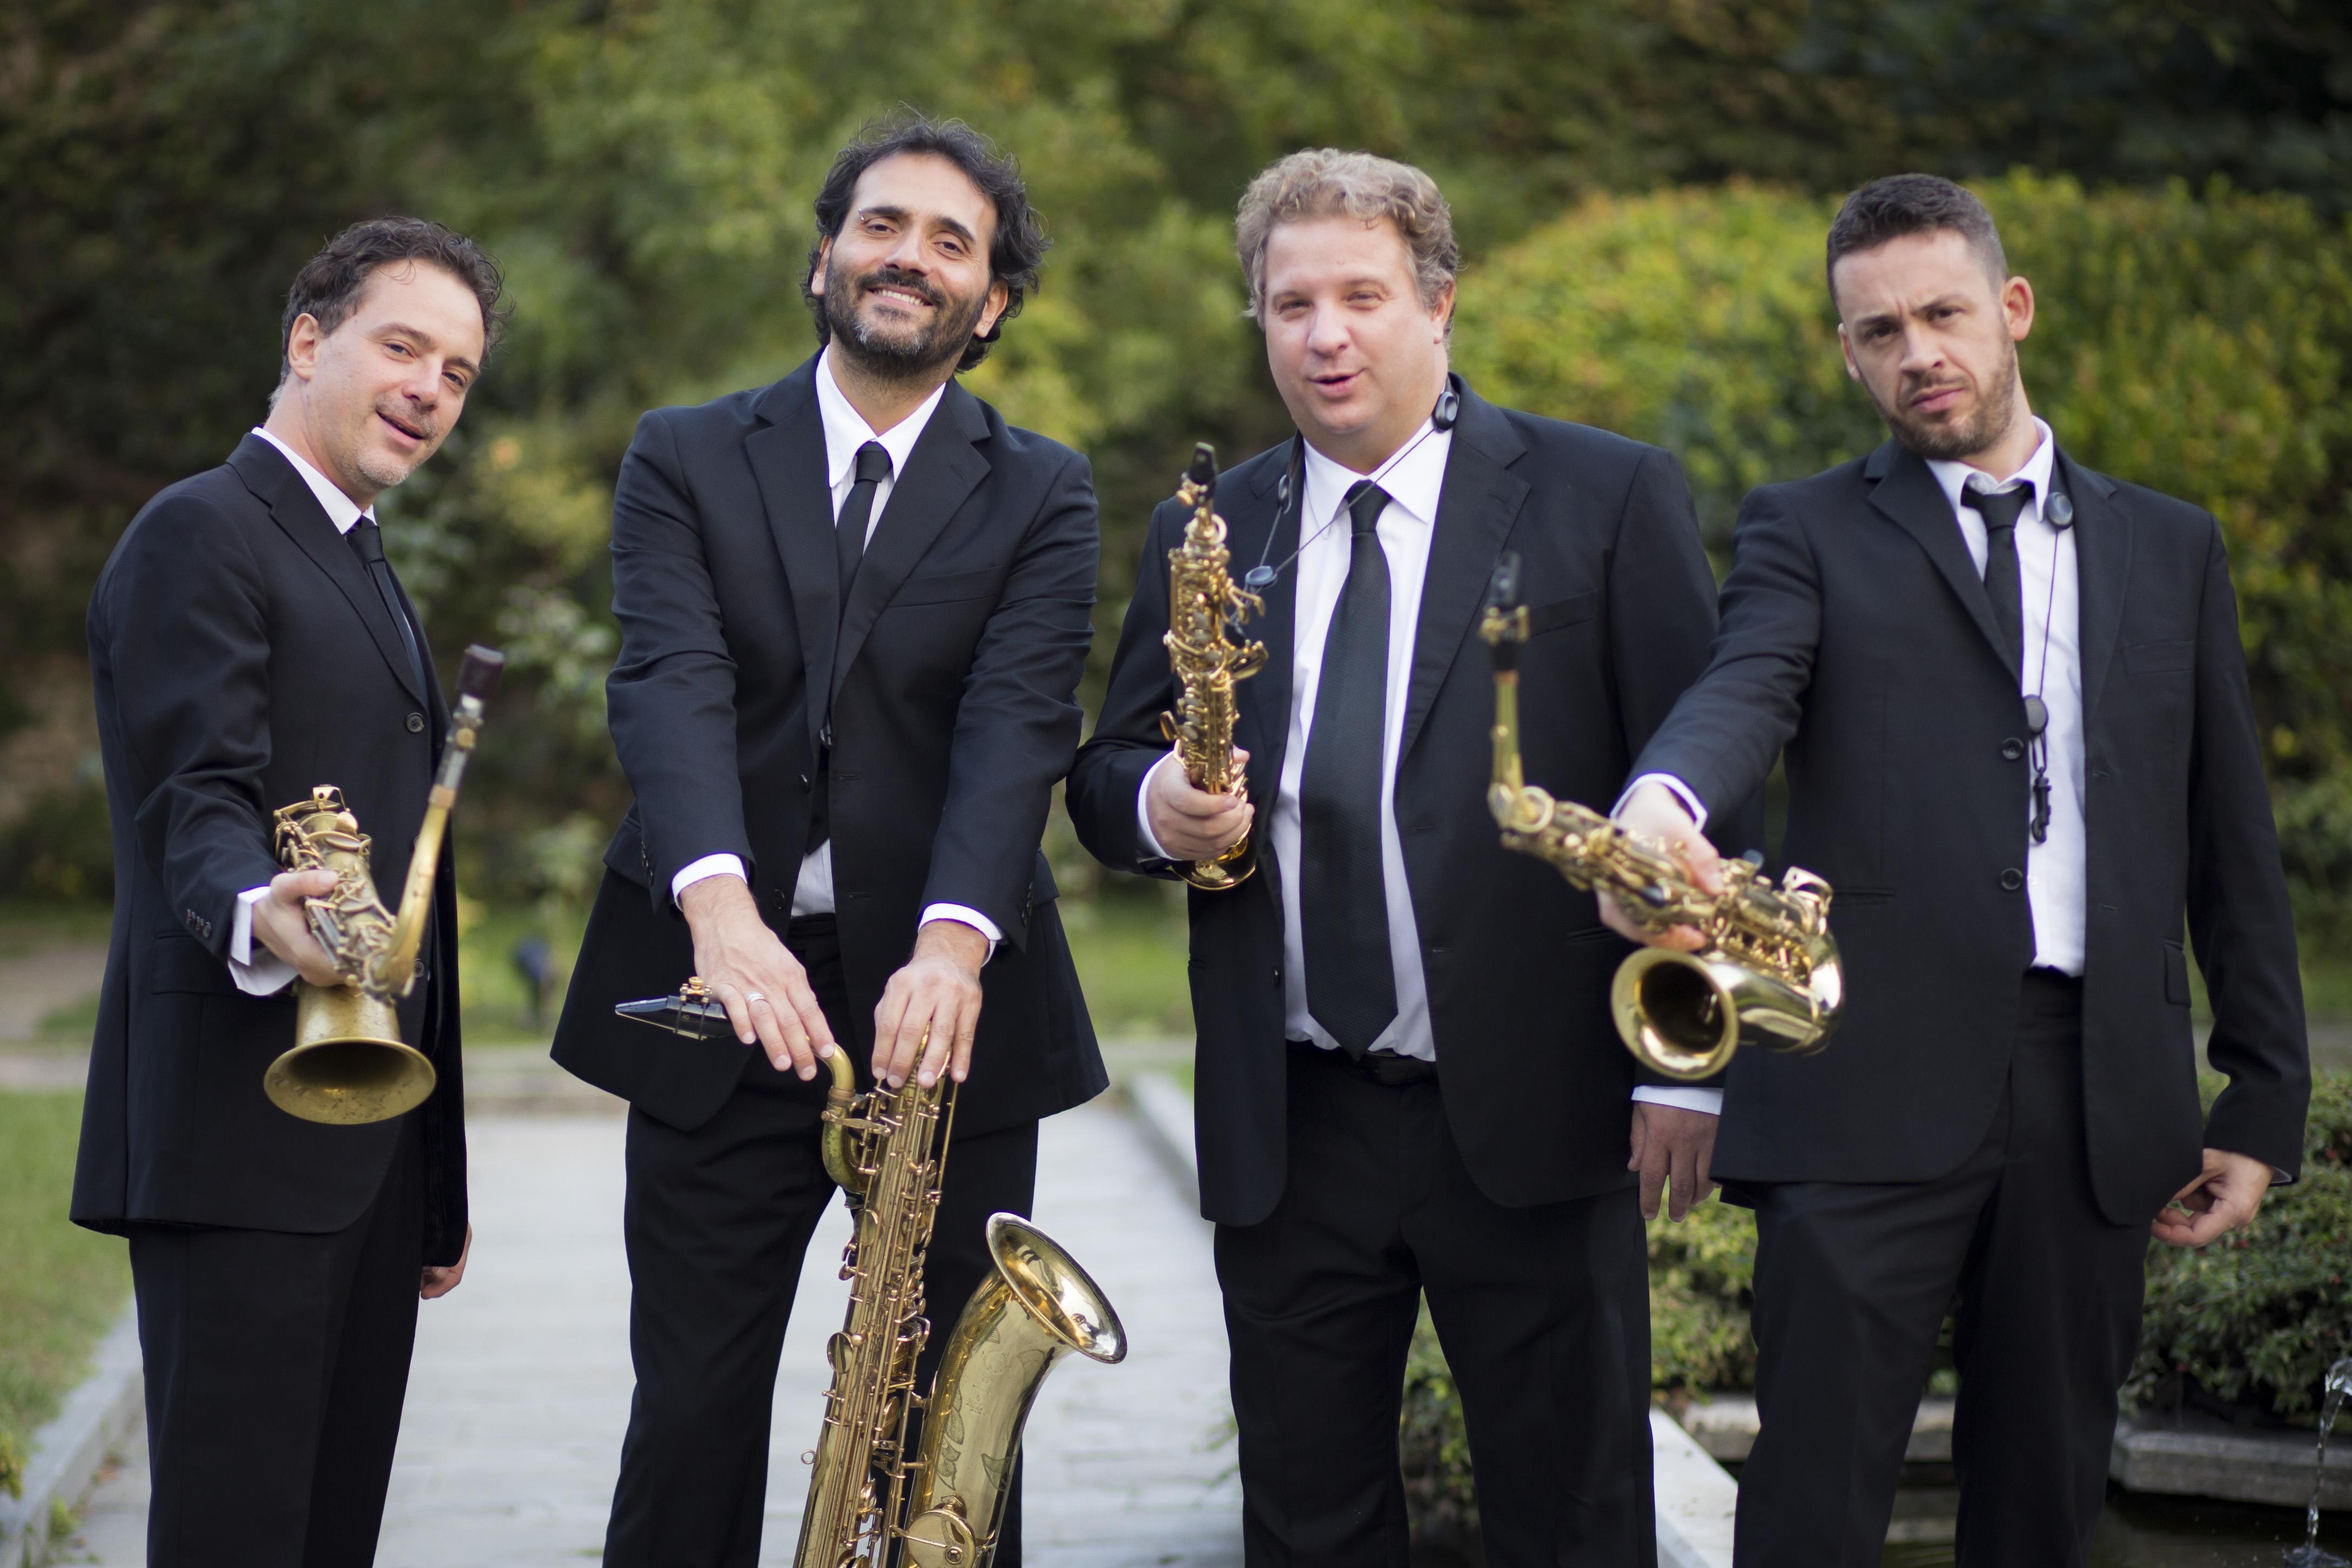 Quartetto Saxofoni